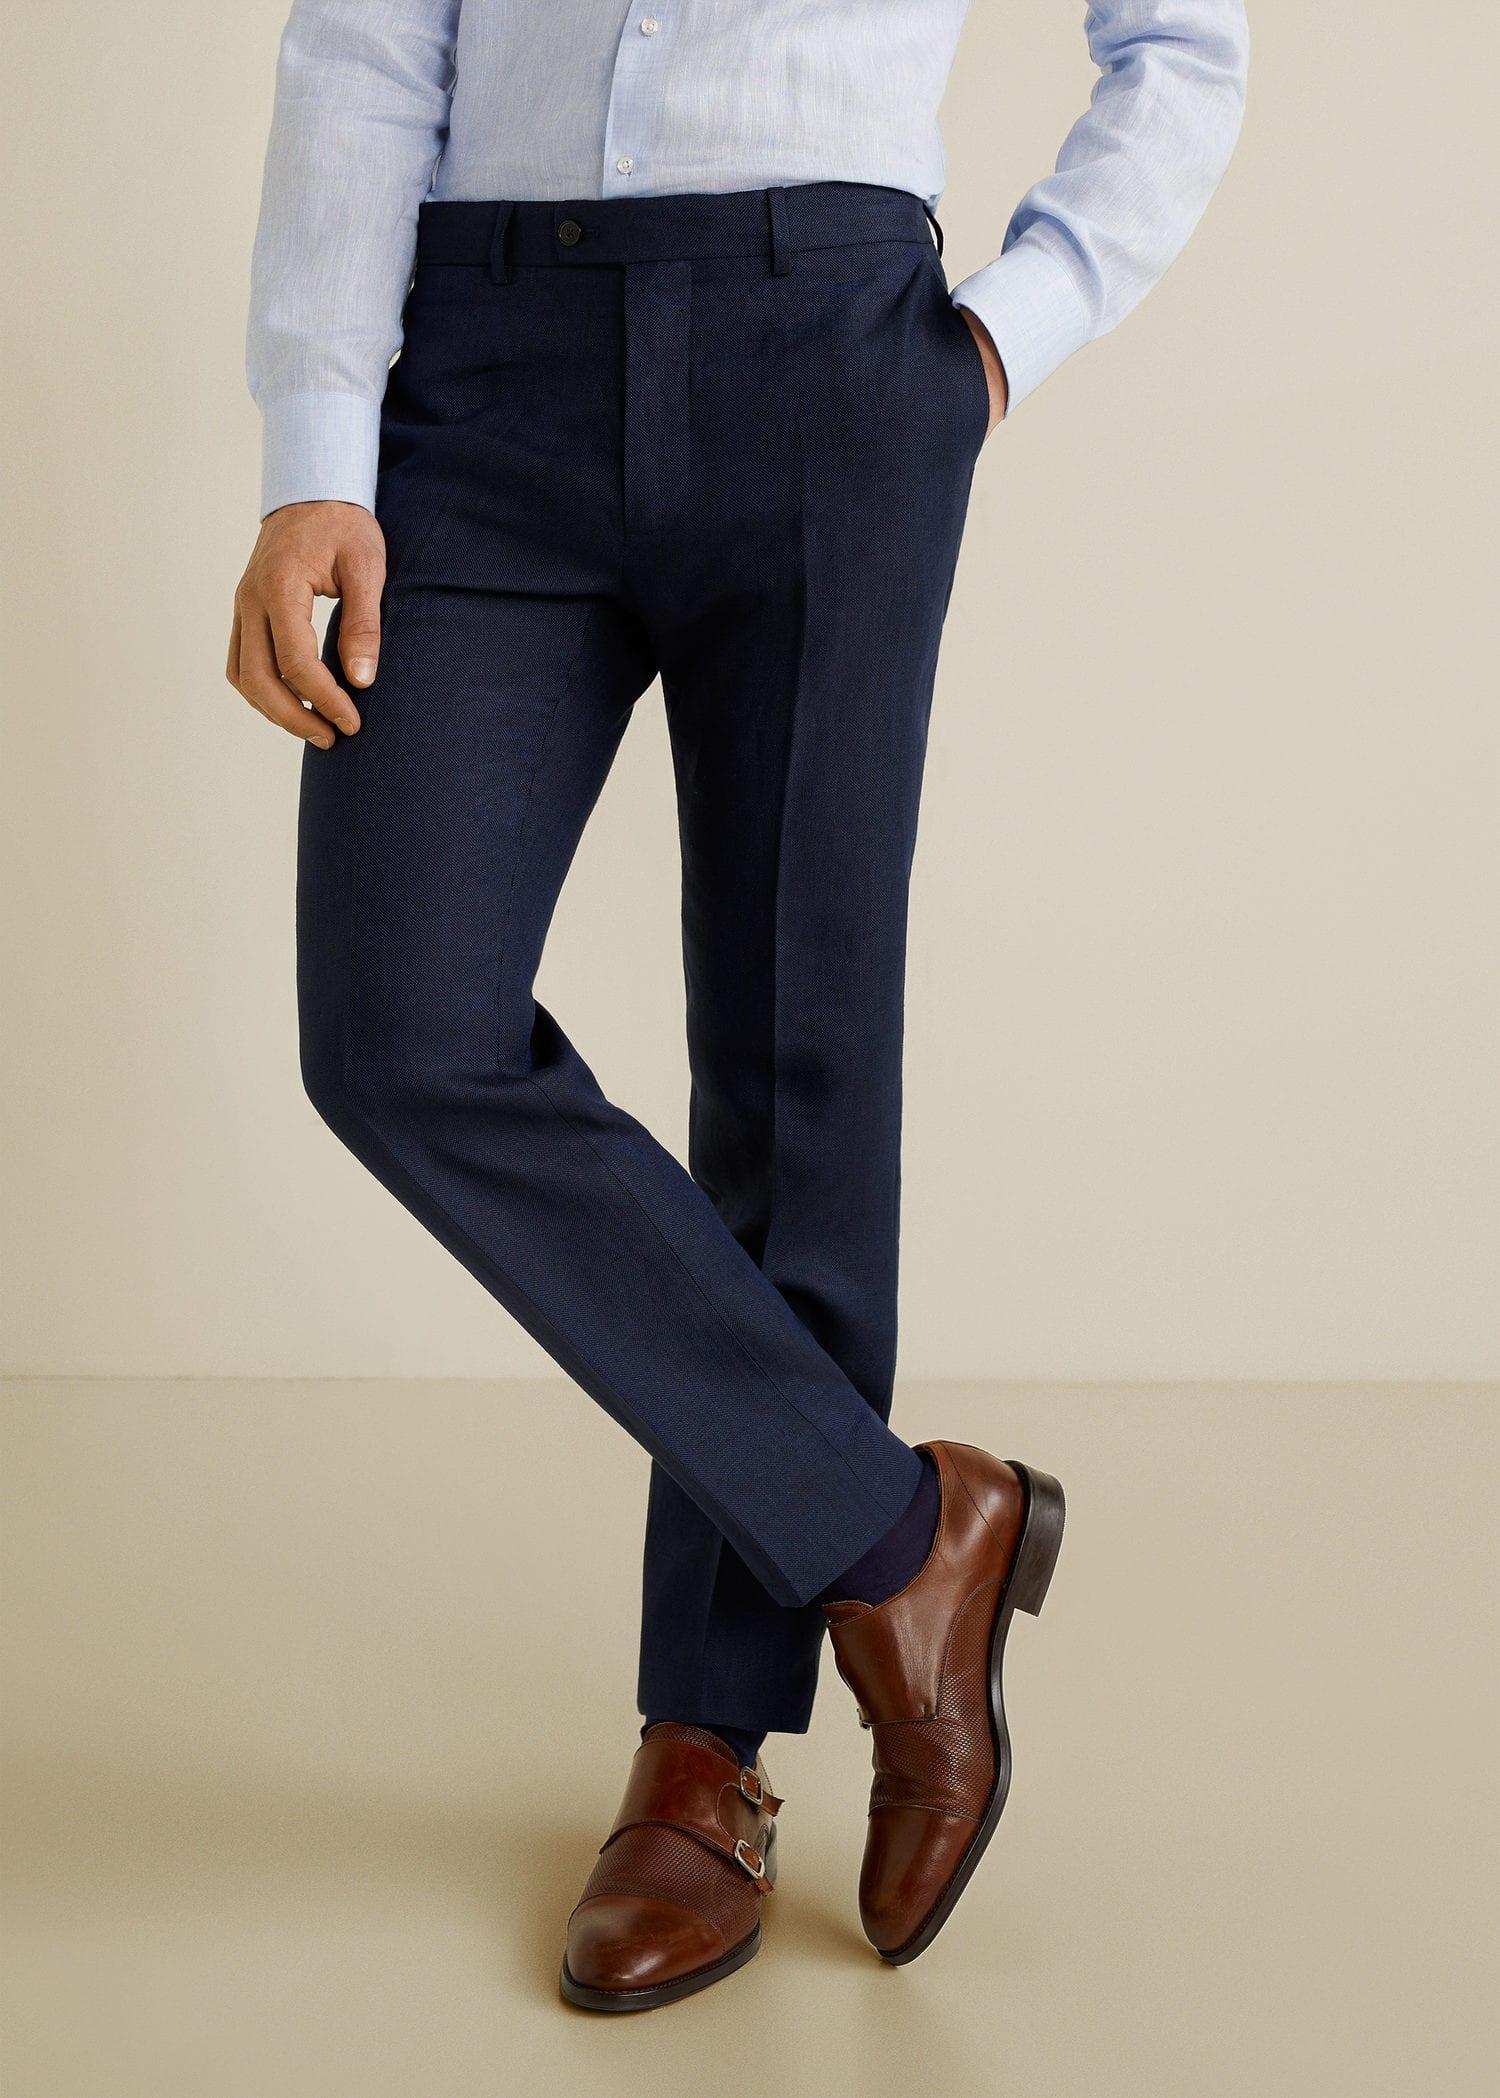 38 Pantalon Homme En Chinois France rCtdQxsh